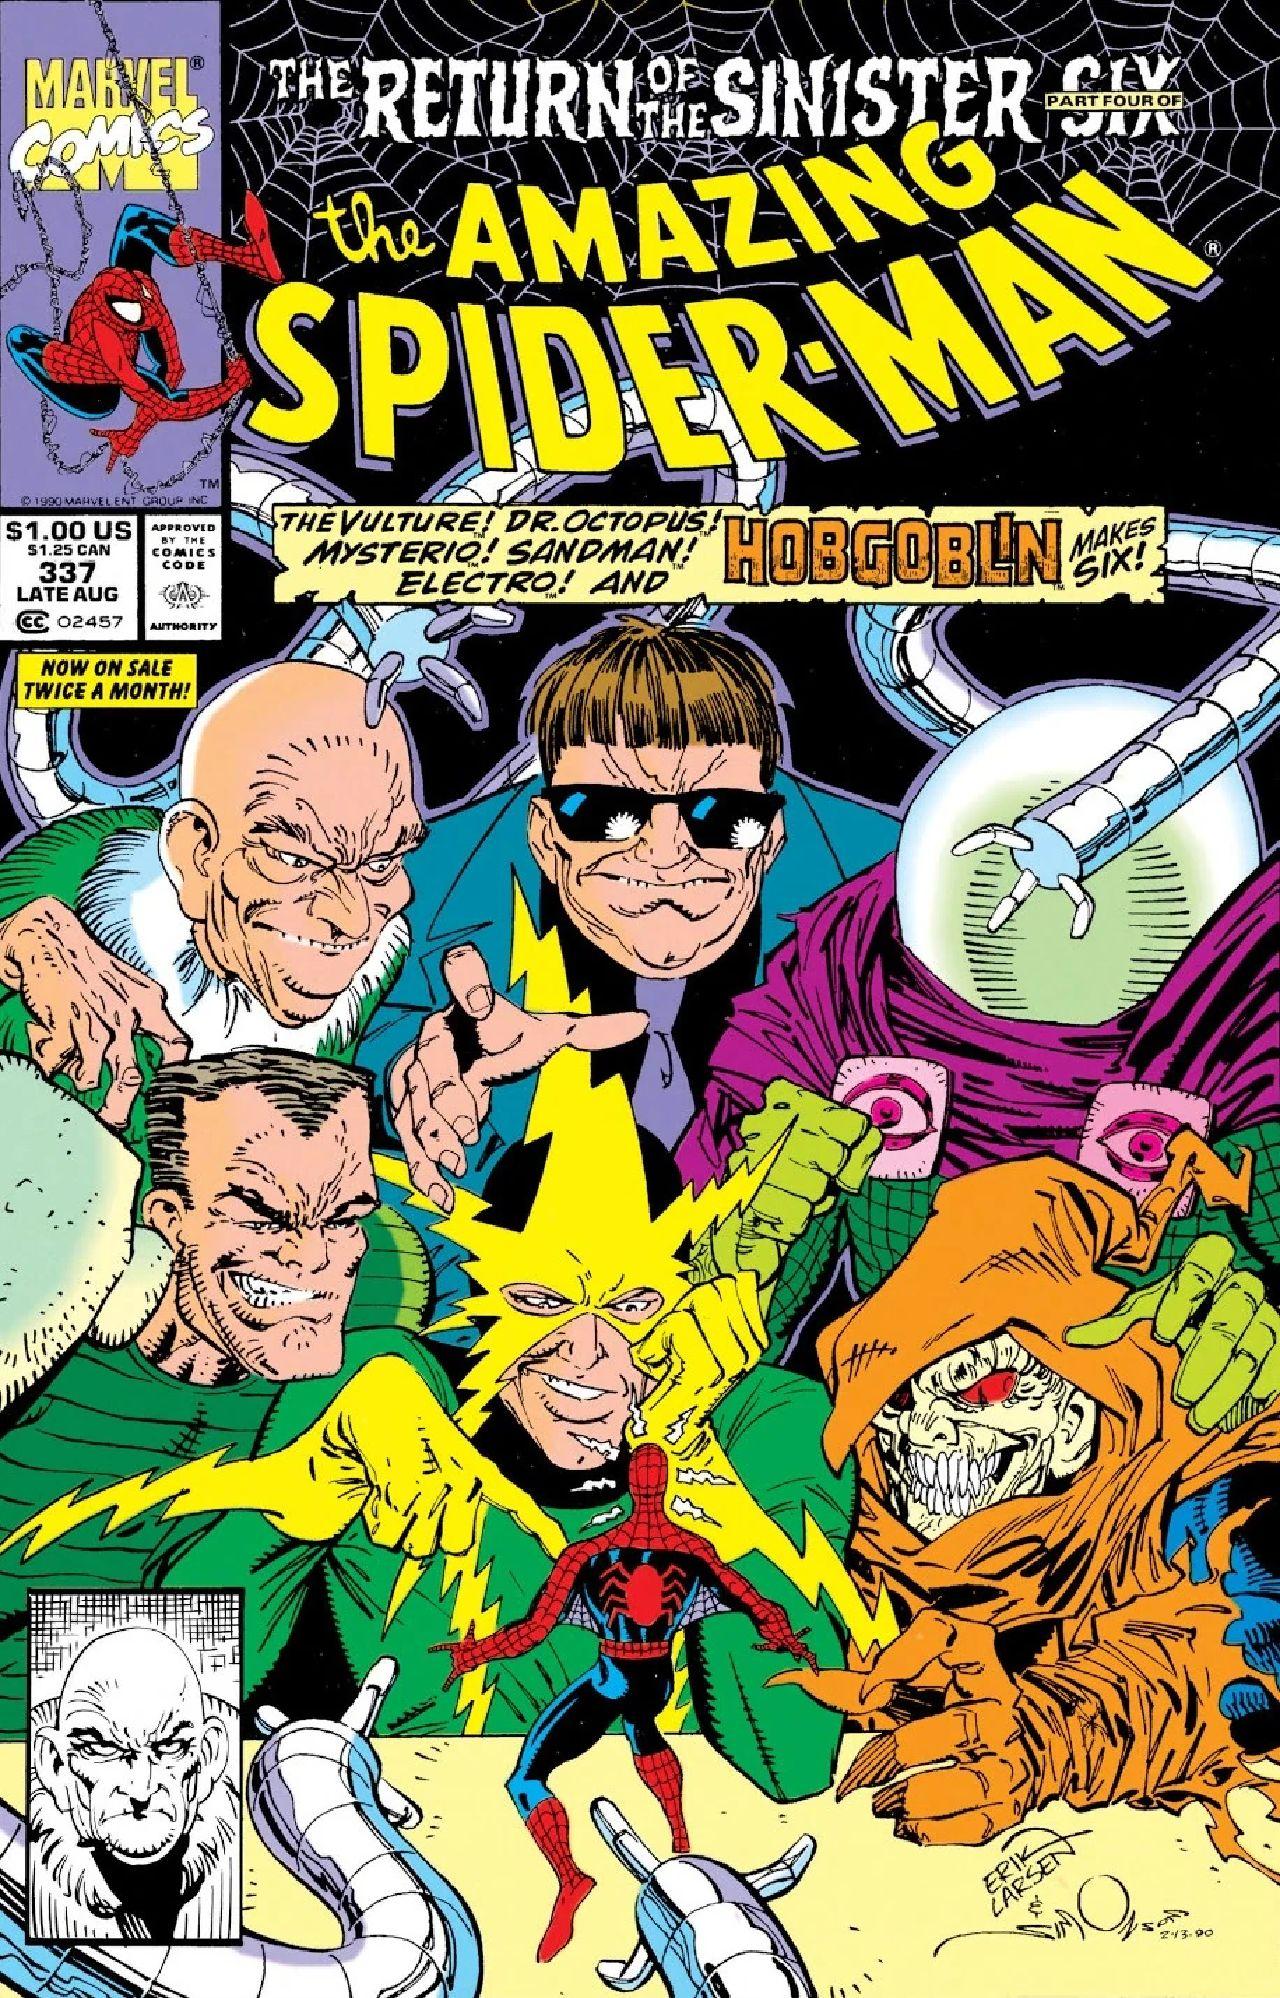 spiderman 3 2021 marvel comics sinister six